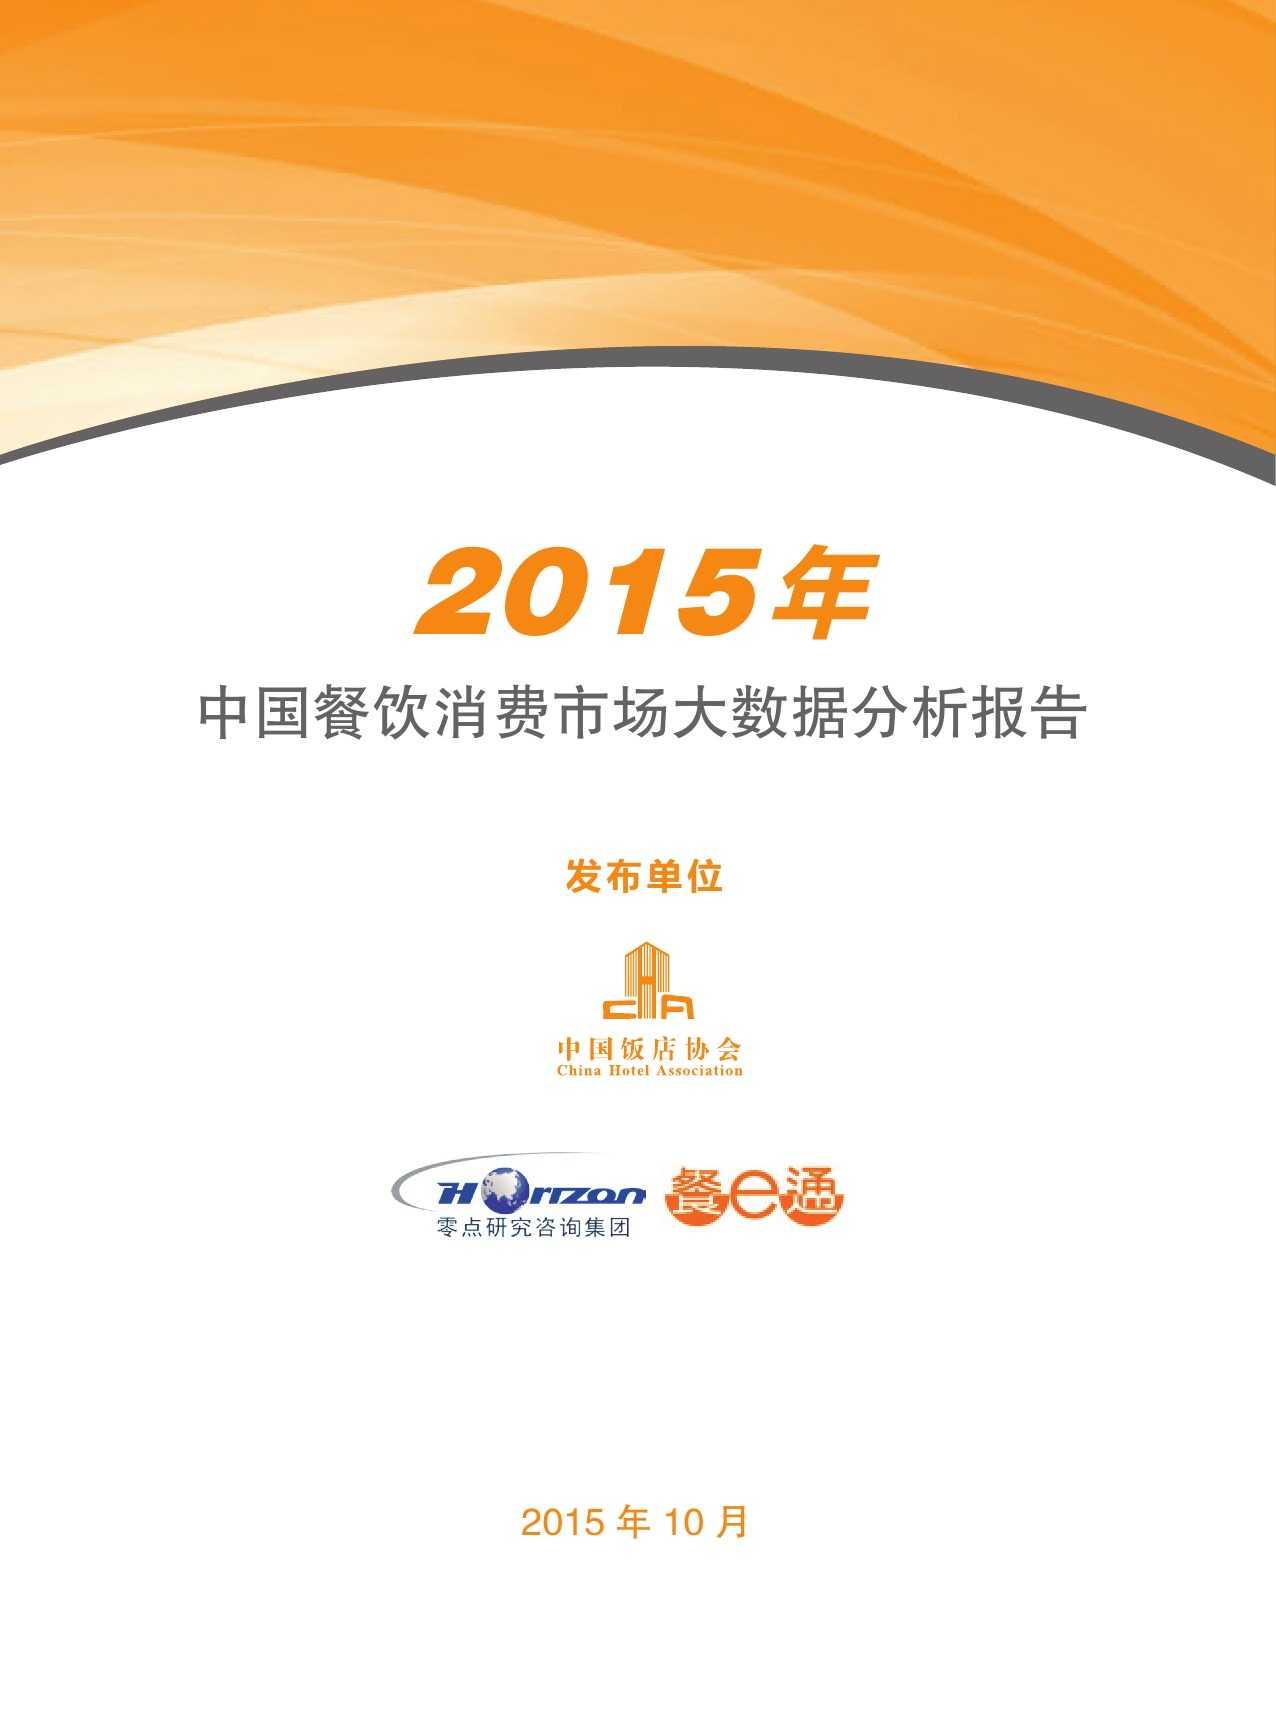 2015中国餐饮消费需求大数据分析报告_000003